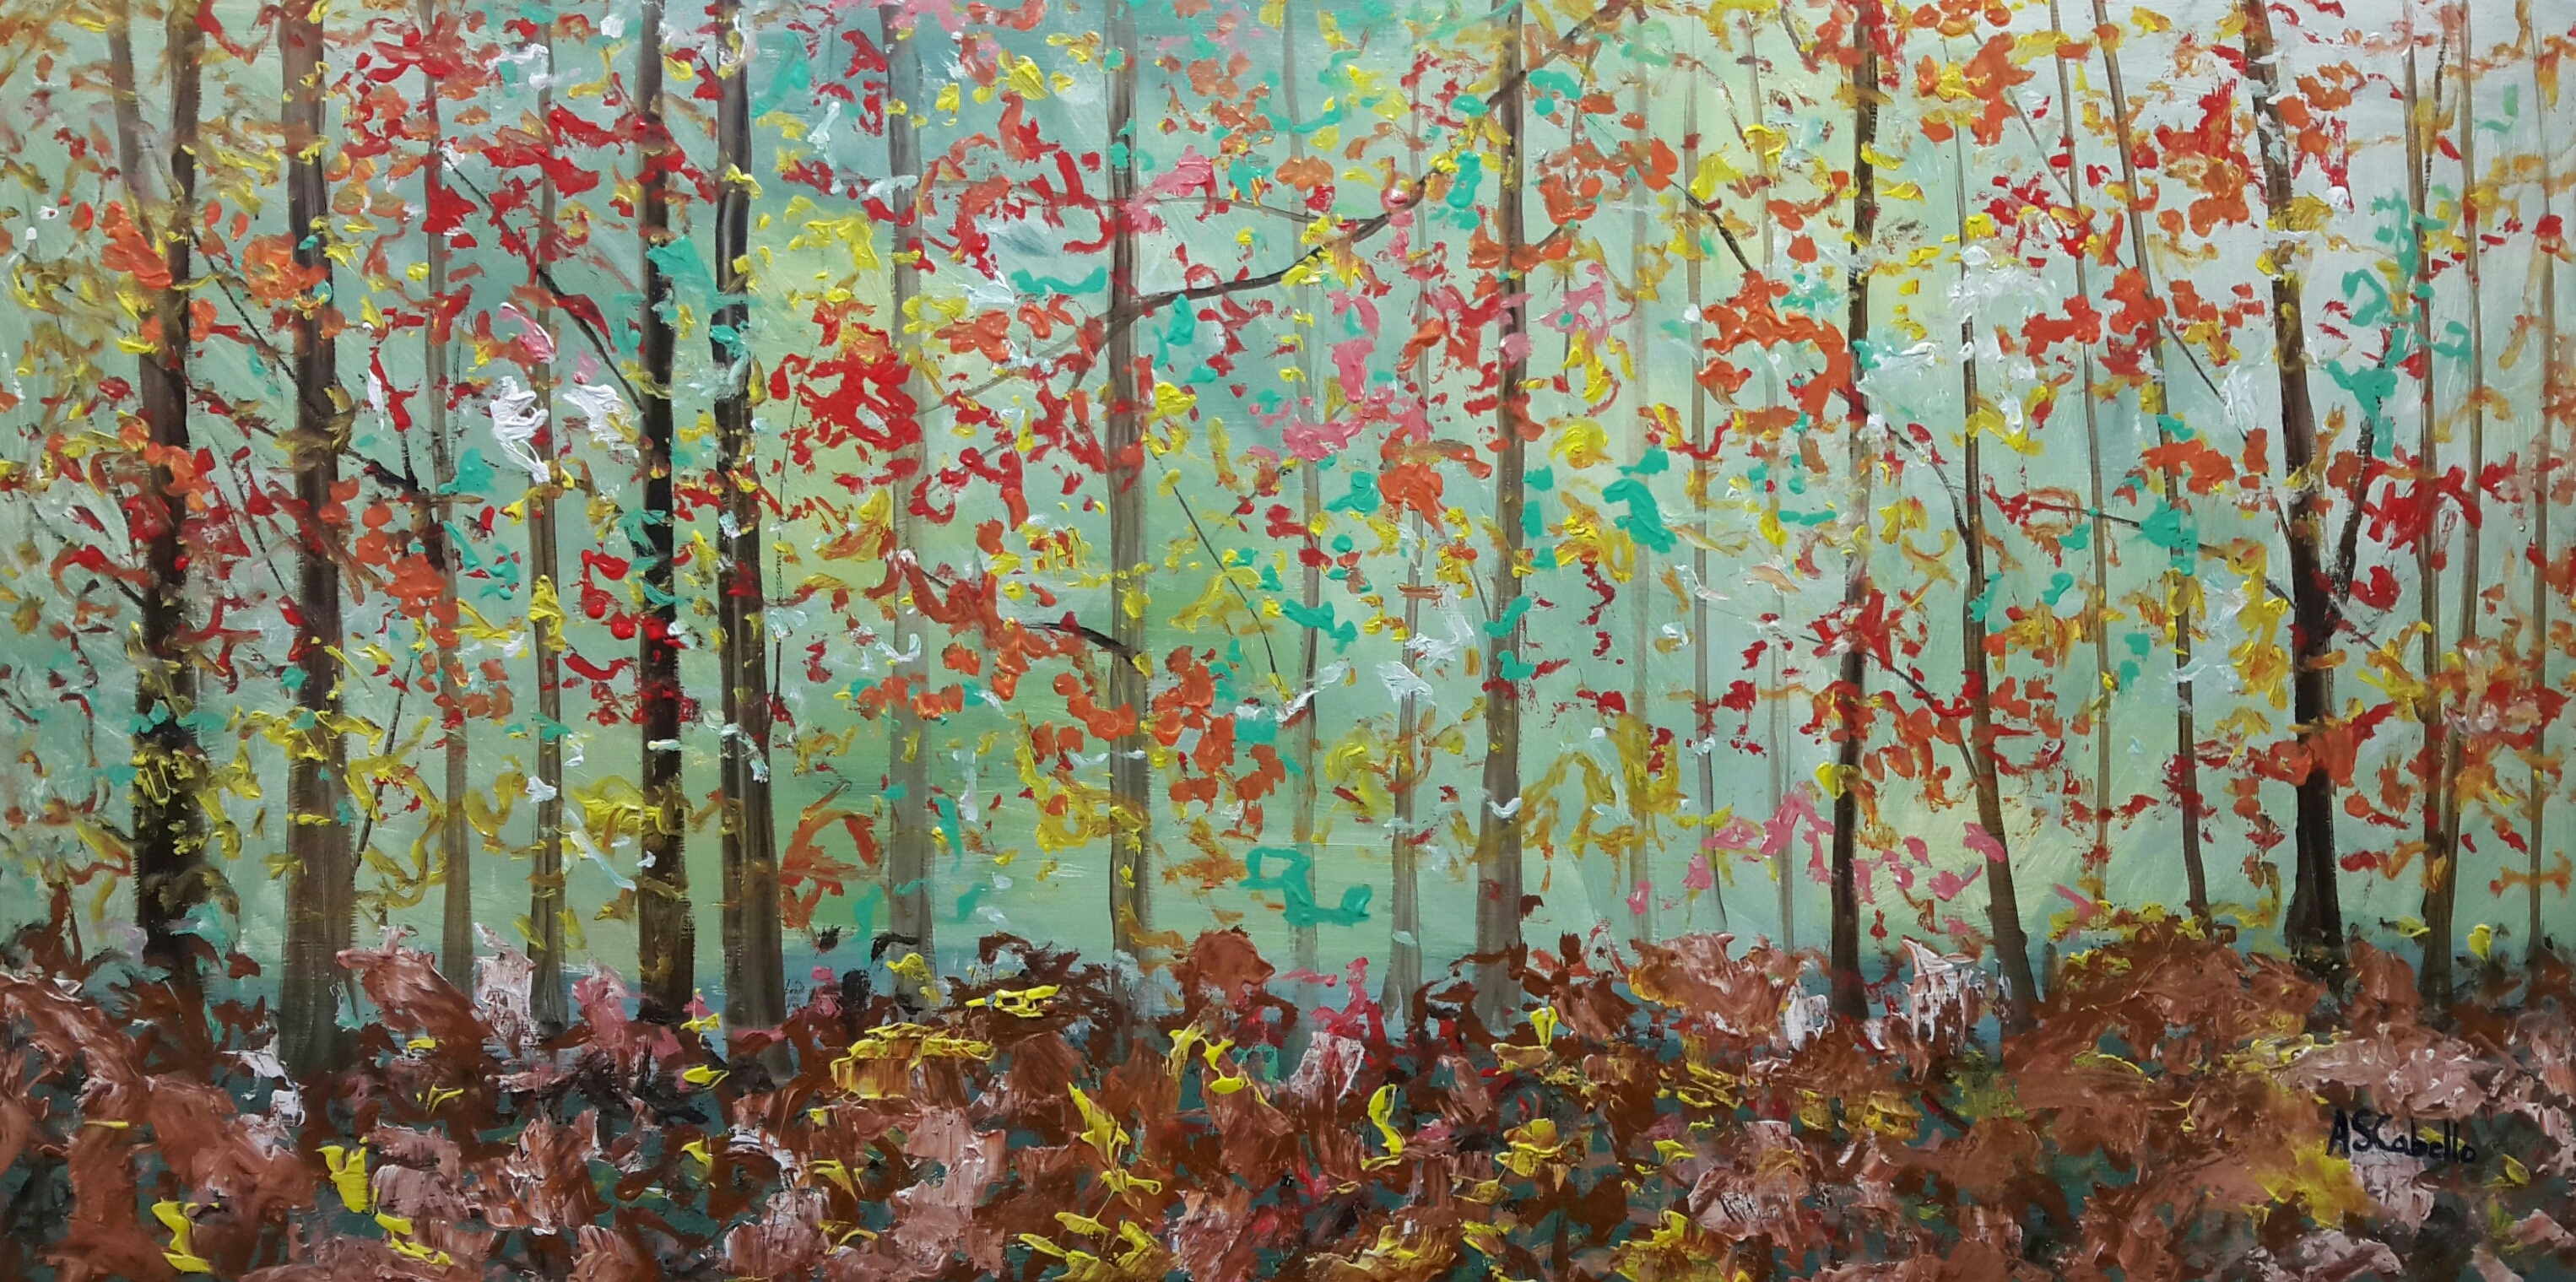 Vientos con caídas de hojas